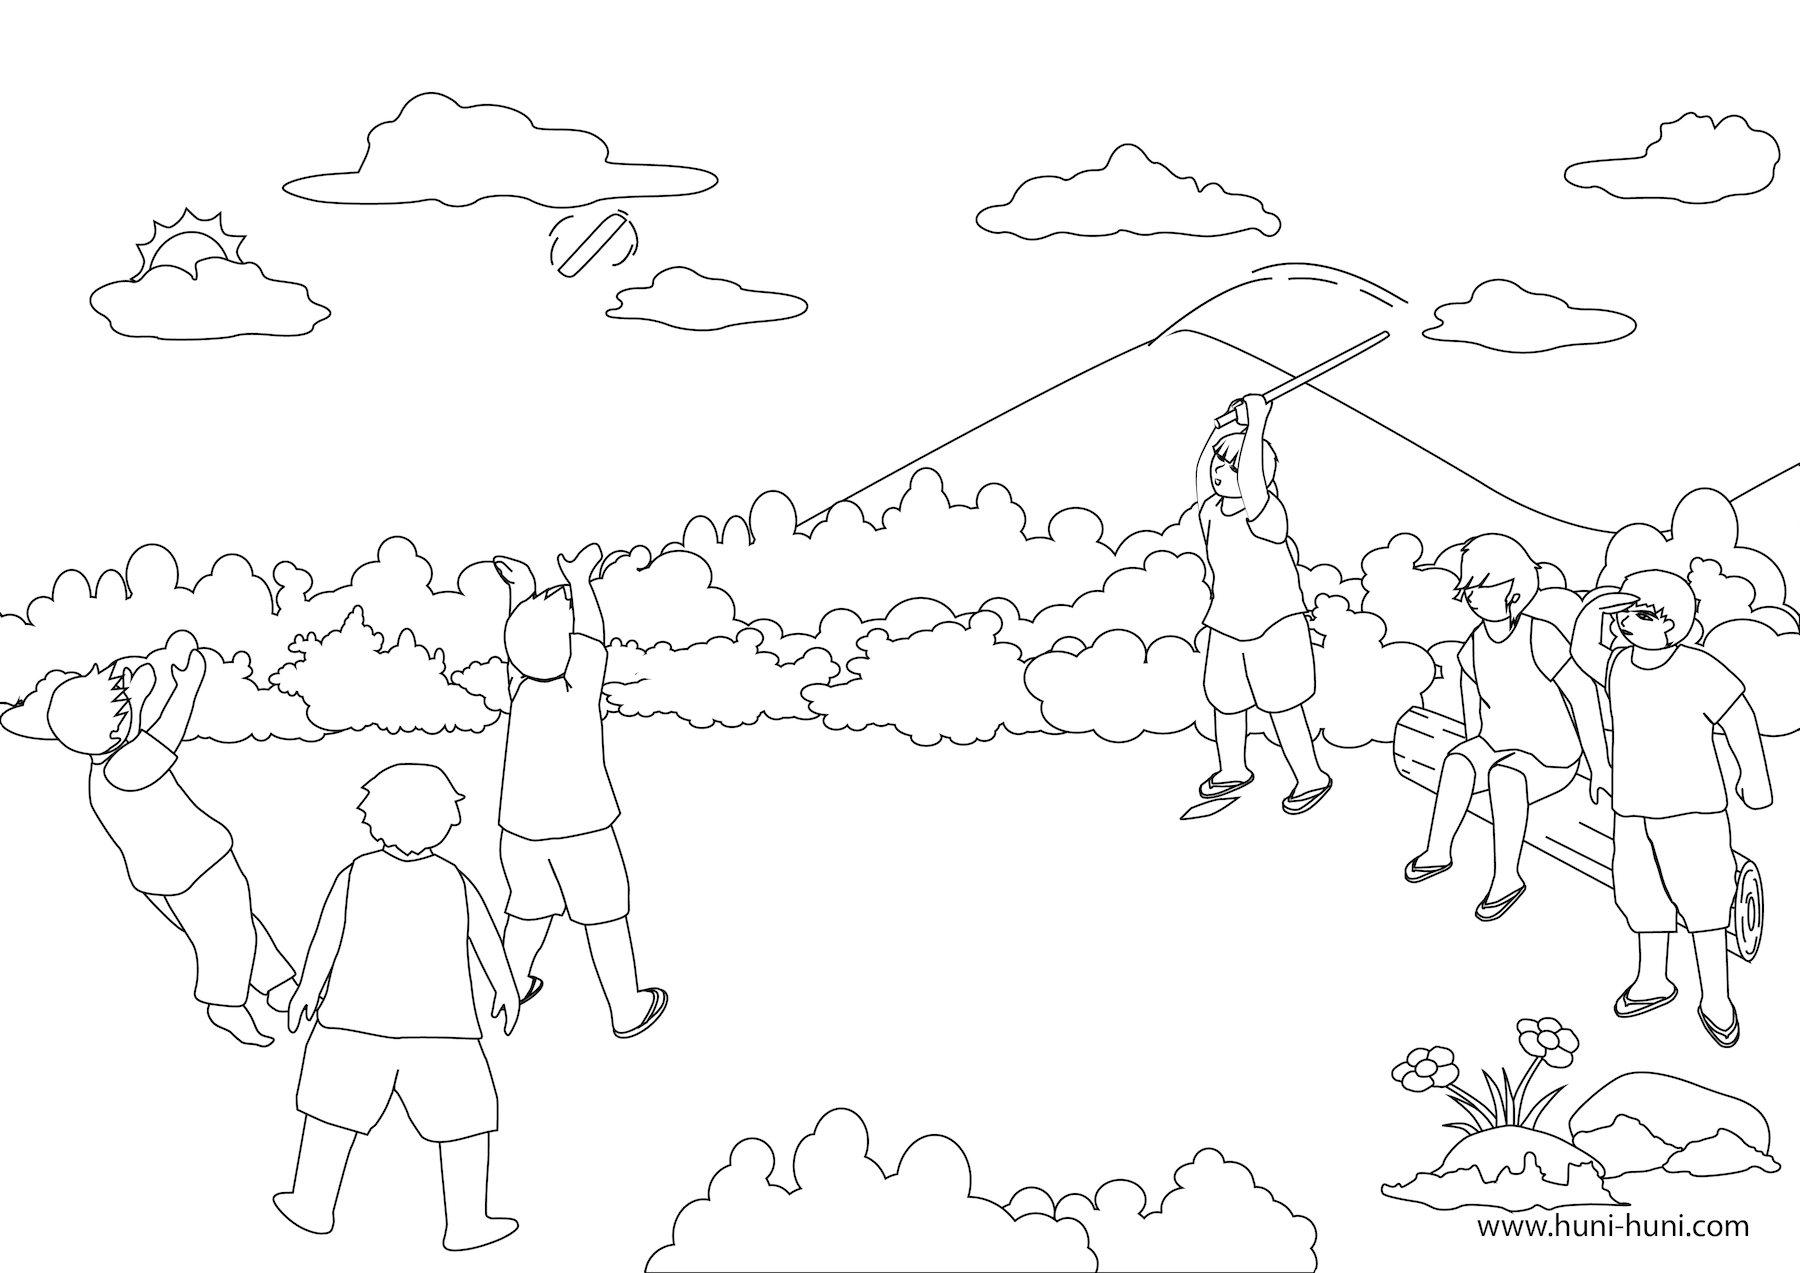 huni-huni-coloring-page-syatong